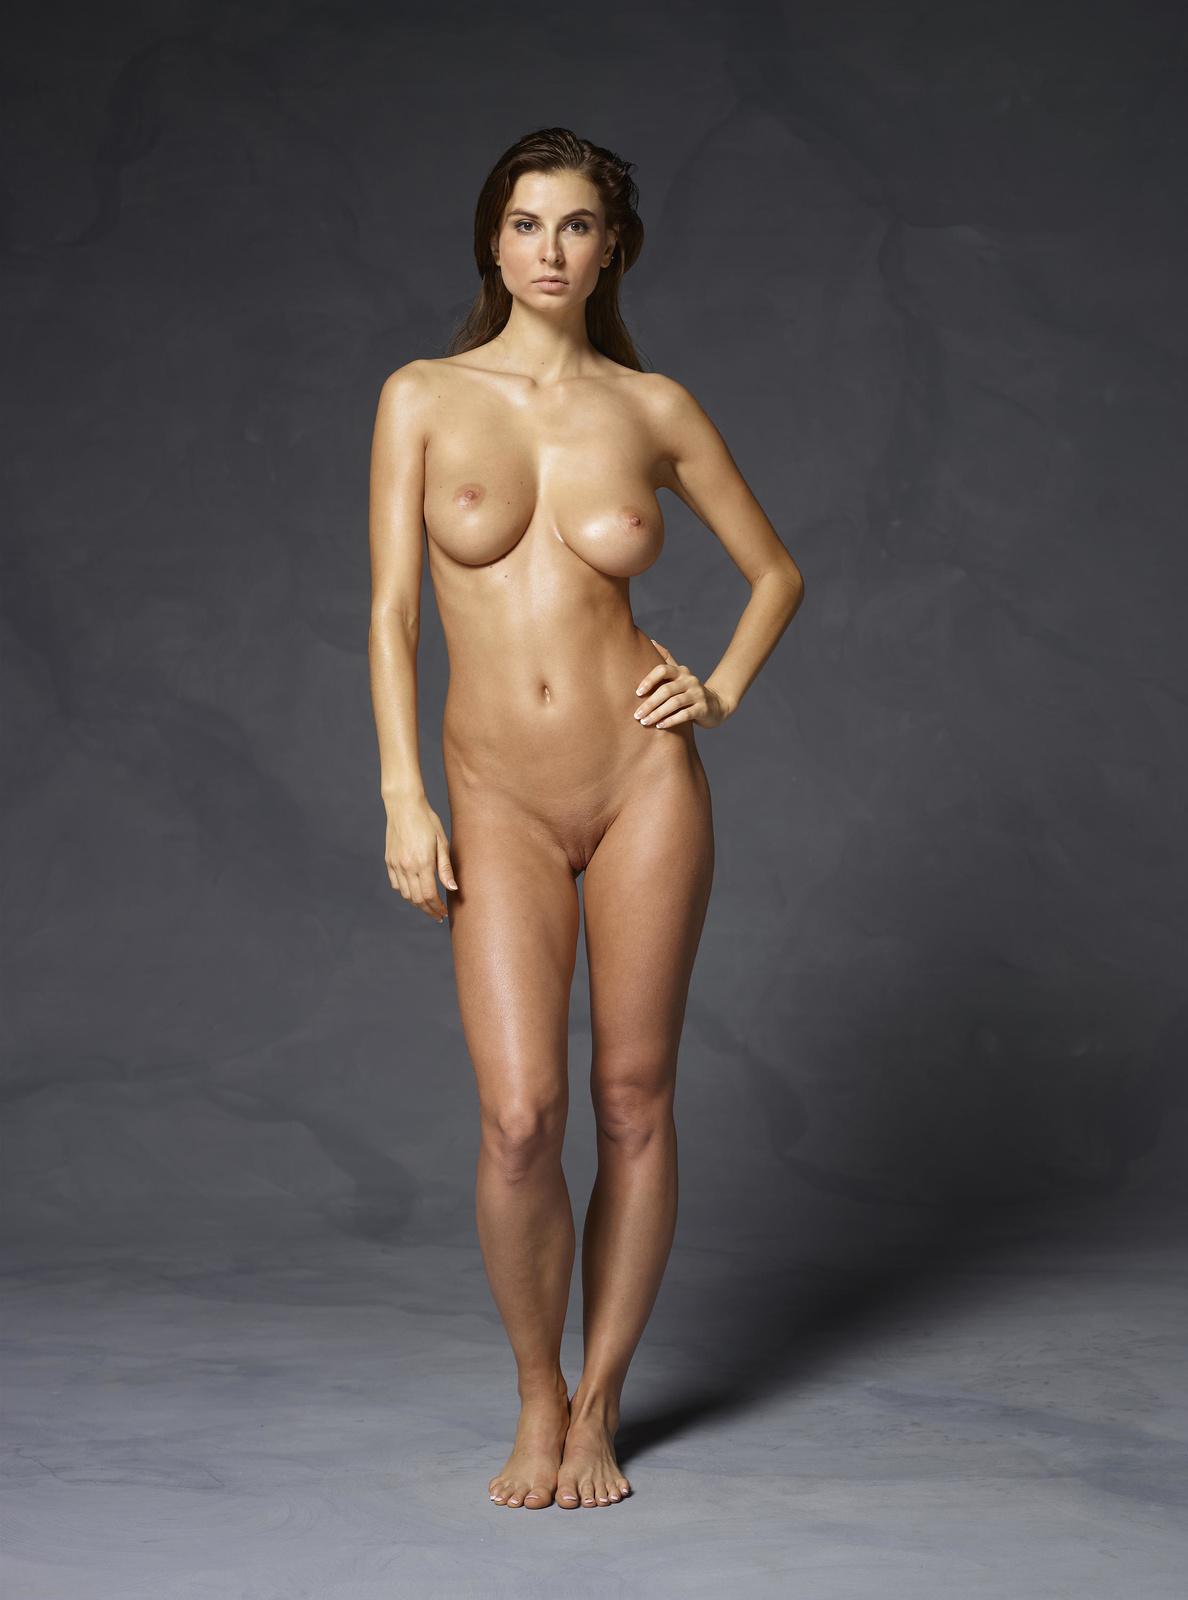 Zdjęcie porno - 0424 - Jędrne ciałko super babki